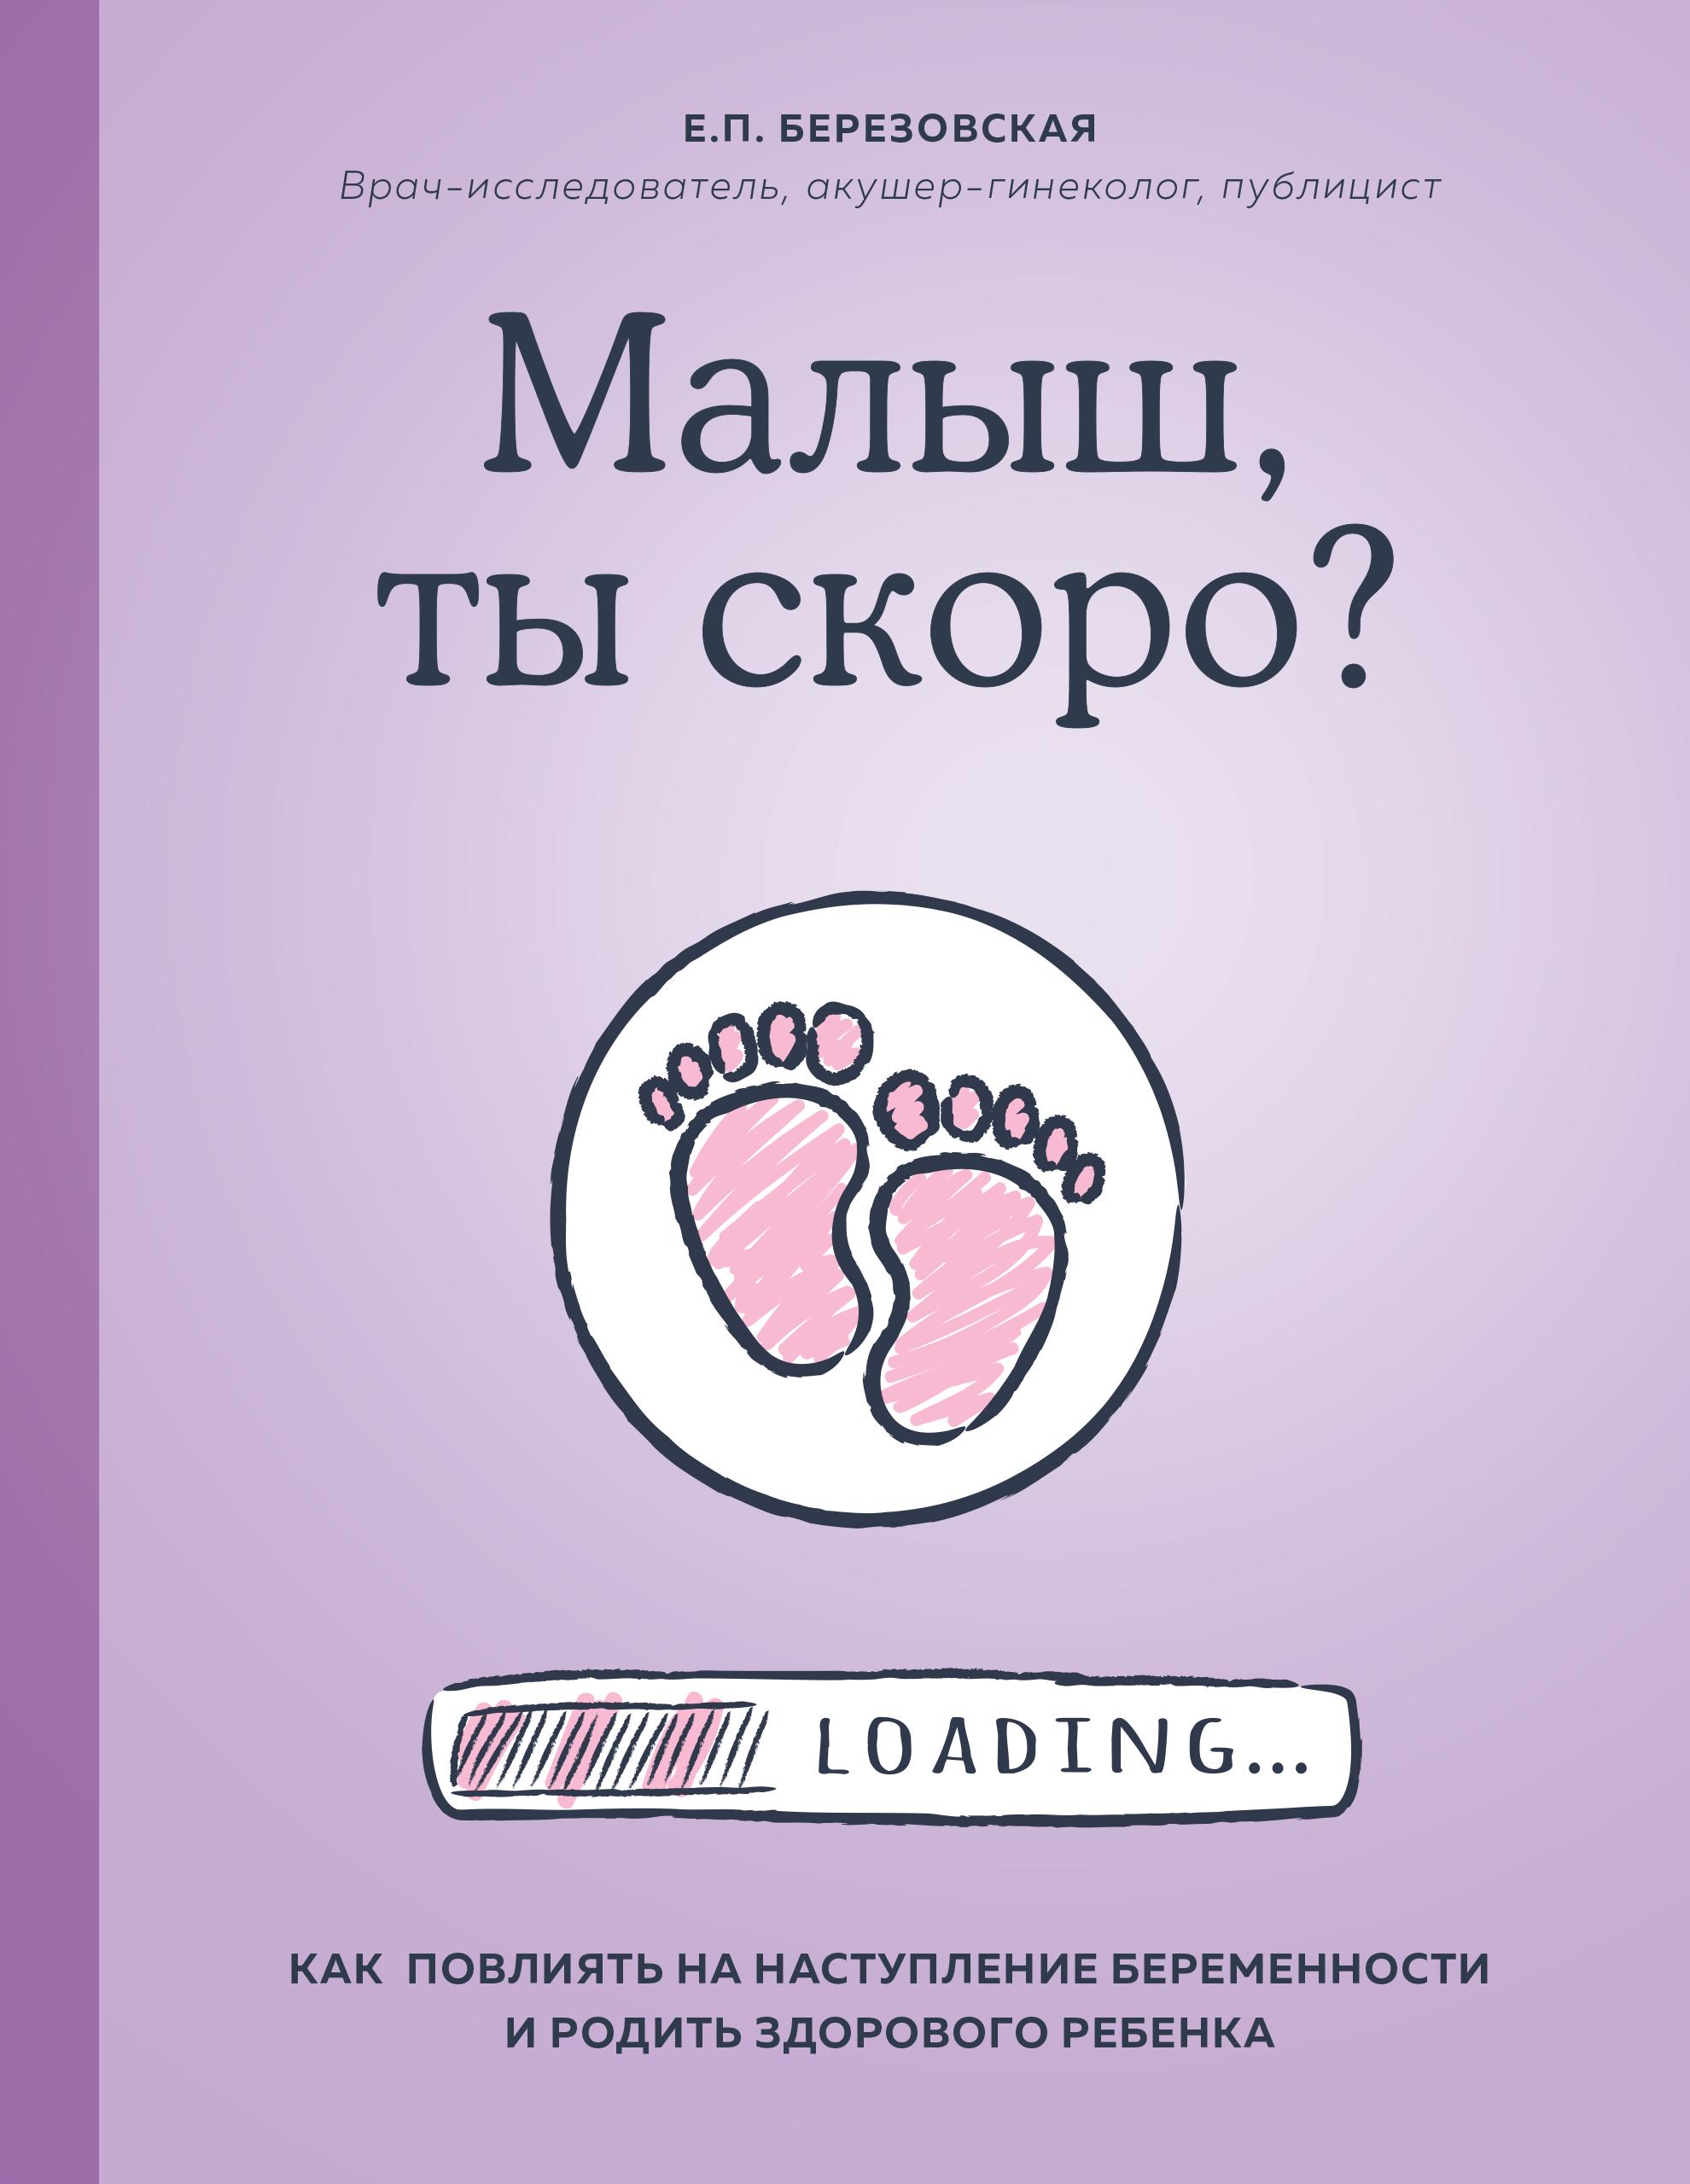 Малыш, ты скоро? Как повлиять на наступление беременности и родить здорового ребенка